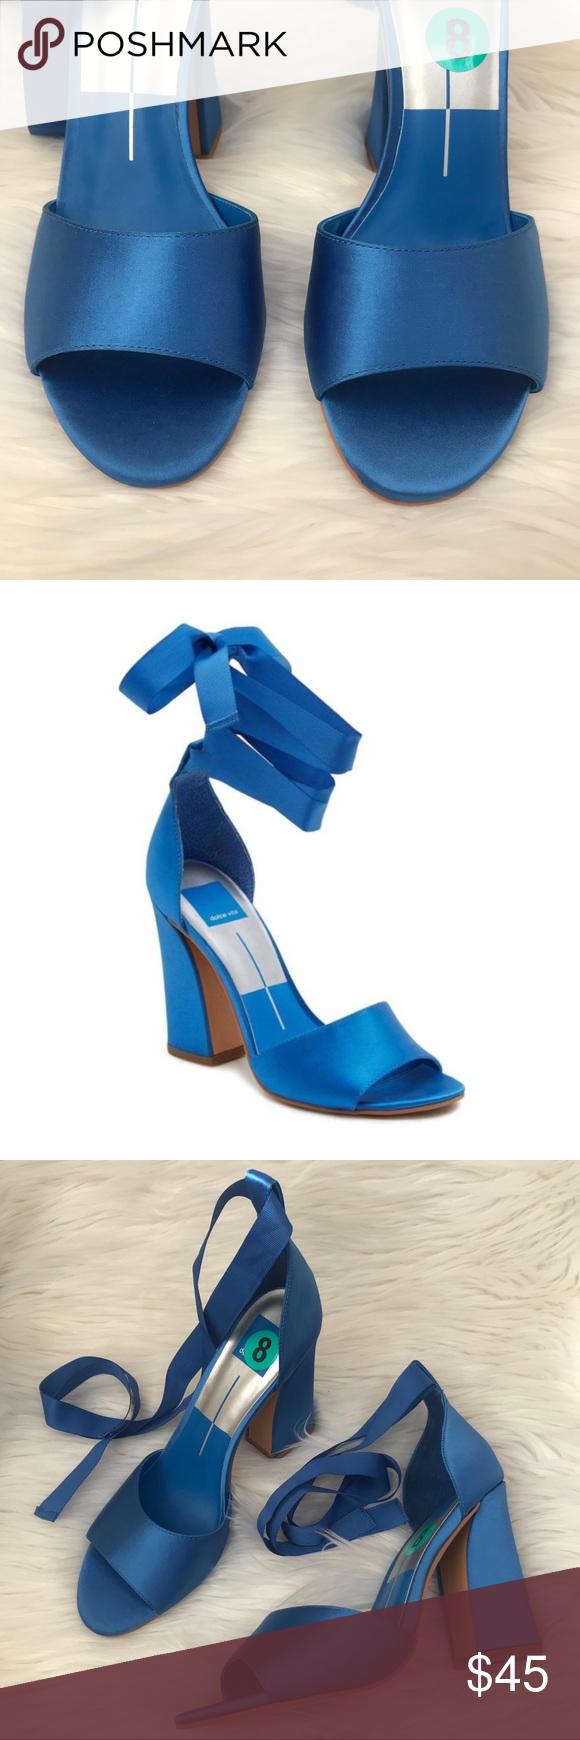 8c55d46c6b Blue Lace Up Satin Harvey Block Heel Sandal Dolce Vita Cobalt Blue Lace Up  Self Tie